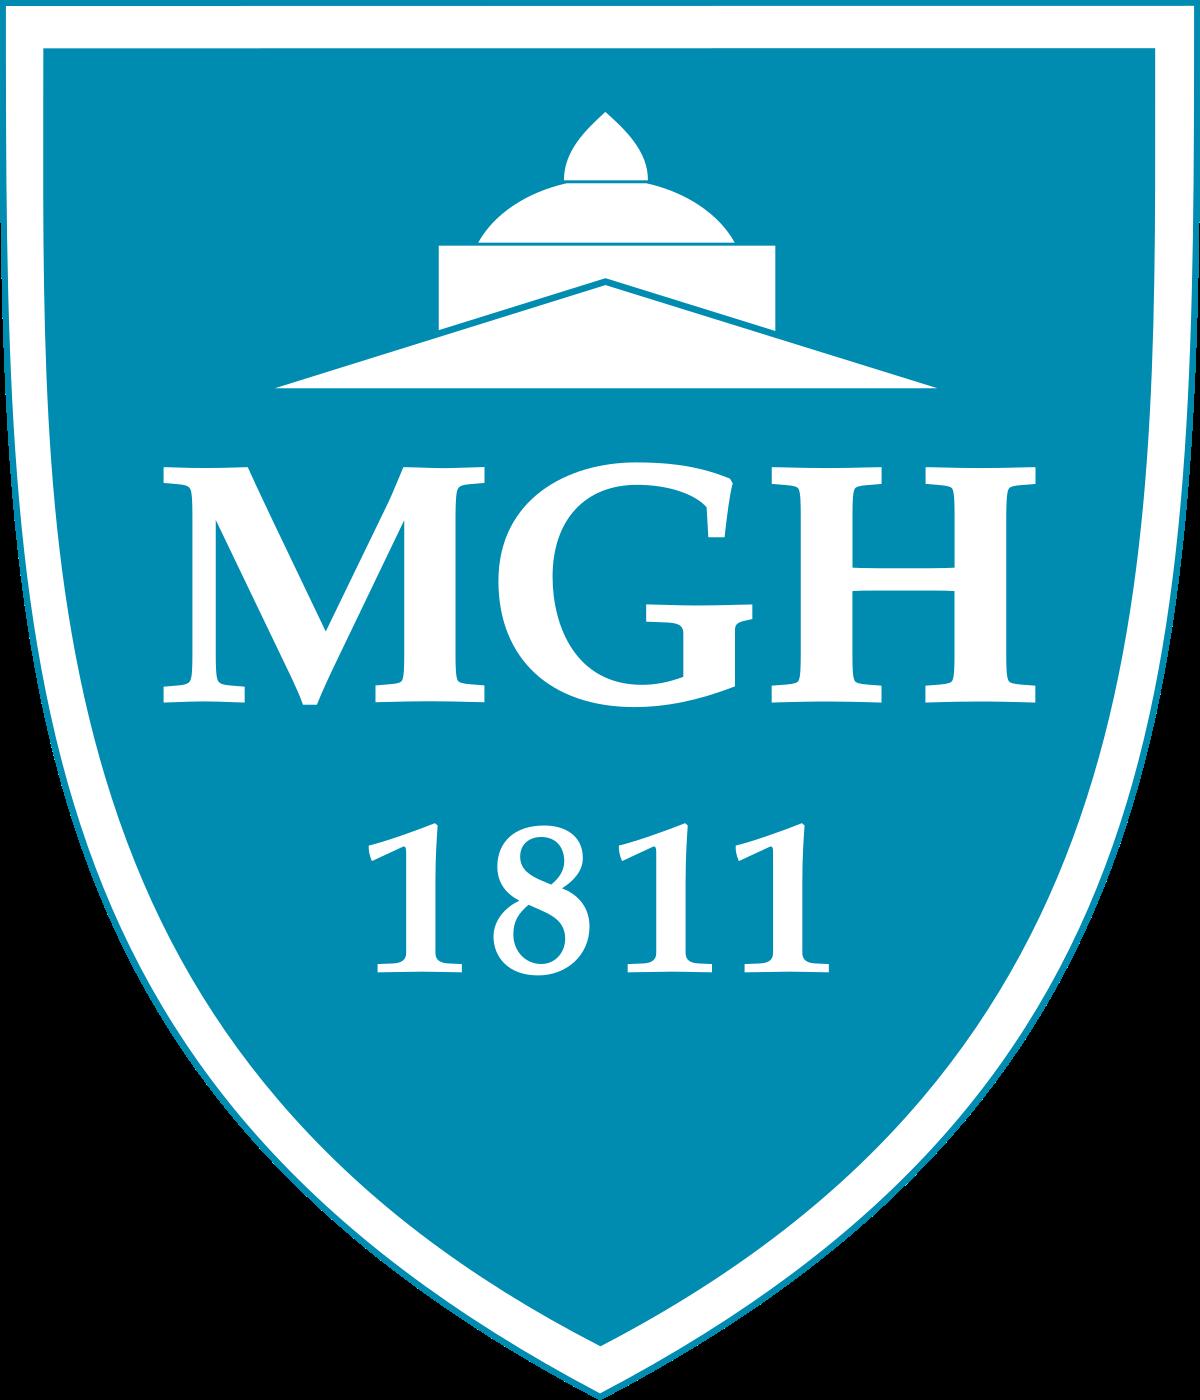 File:Massachusetts General Hospital logo.svg.